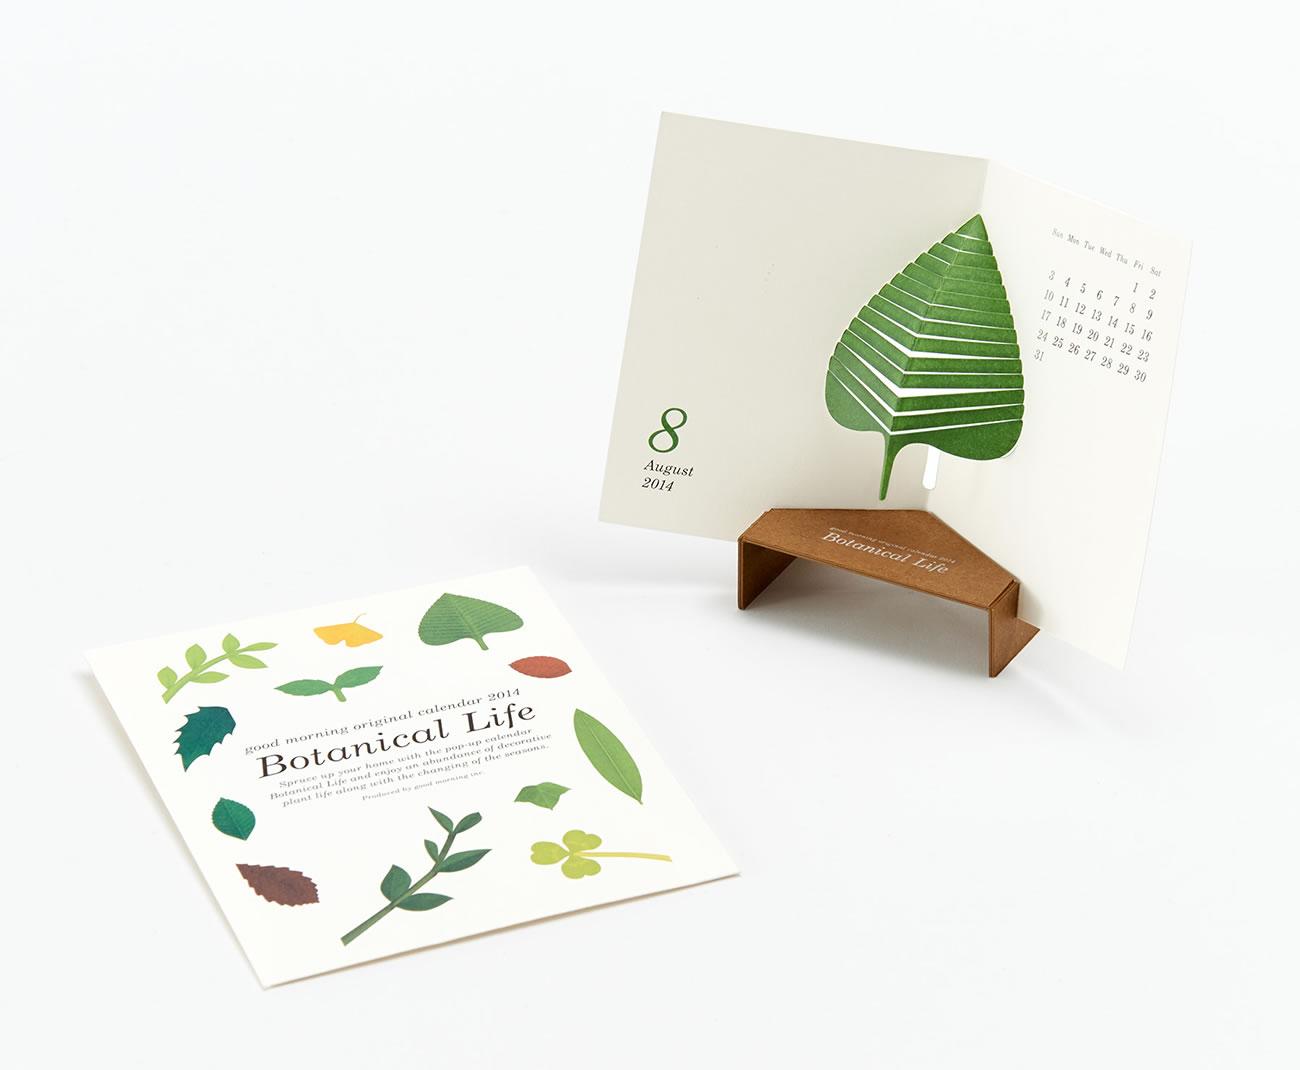 """Calendar 2014 """"botanical Life"""" Calendar by Katsumi Tamura"""